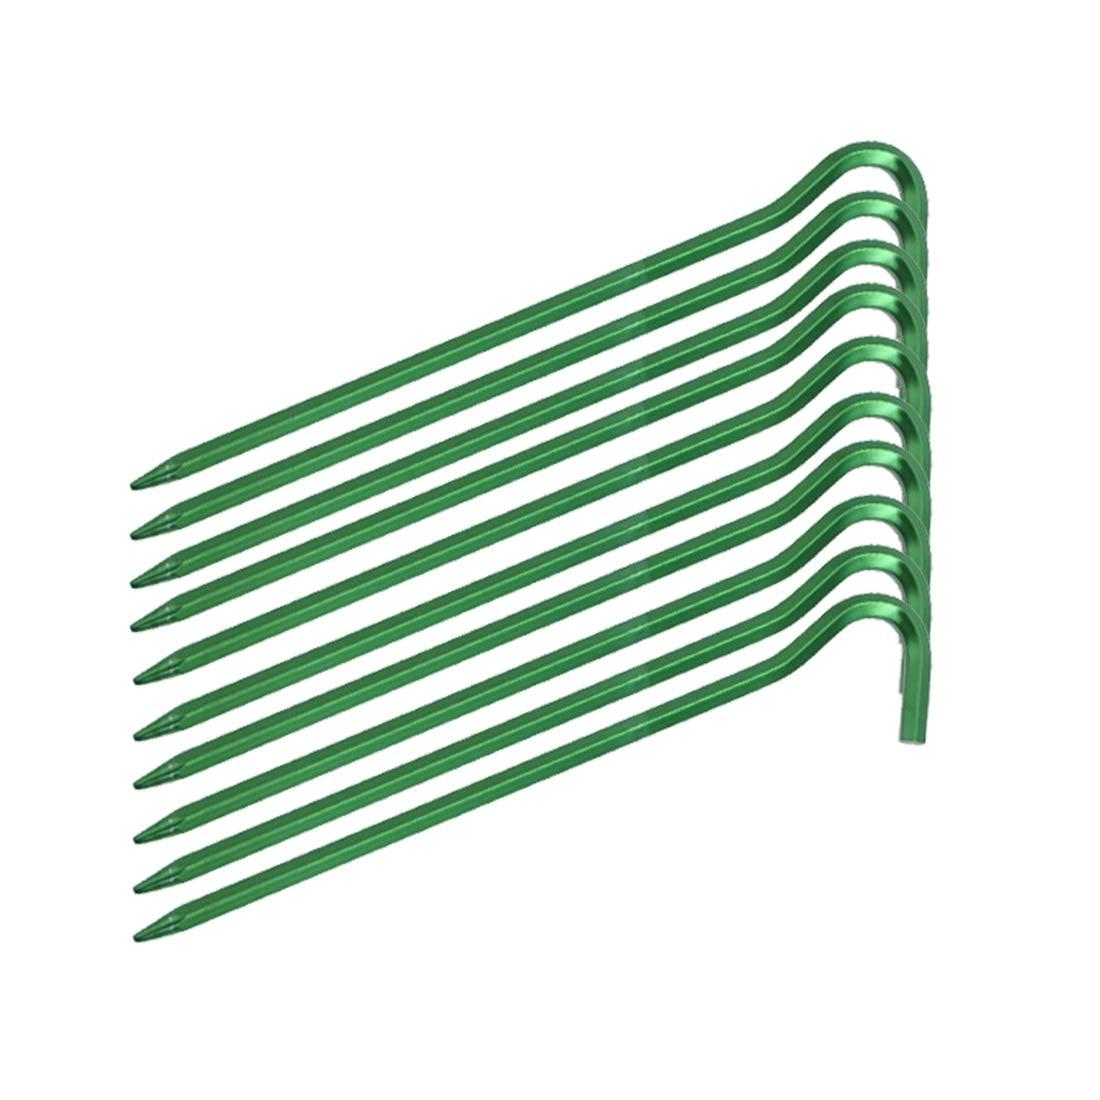 SHOW-WF Resistente piquetas para Tienda de campa/ña,18CM x 3.2MM,/Ø 6mm Aluminio,para toldo Malla Estanque jard/ín Camping